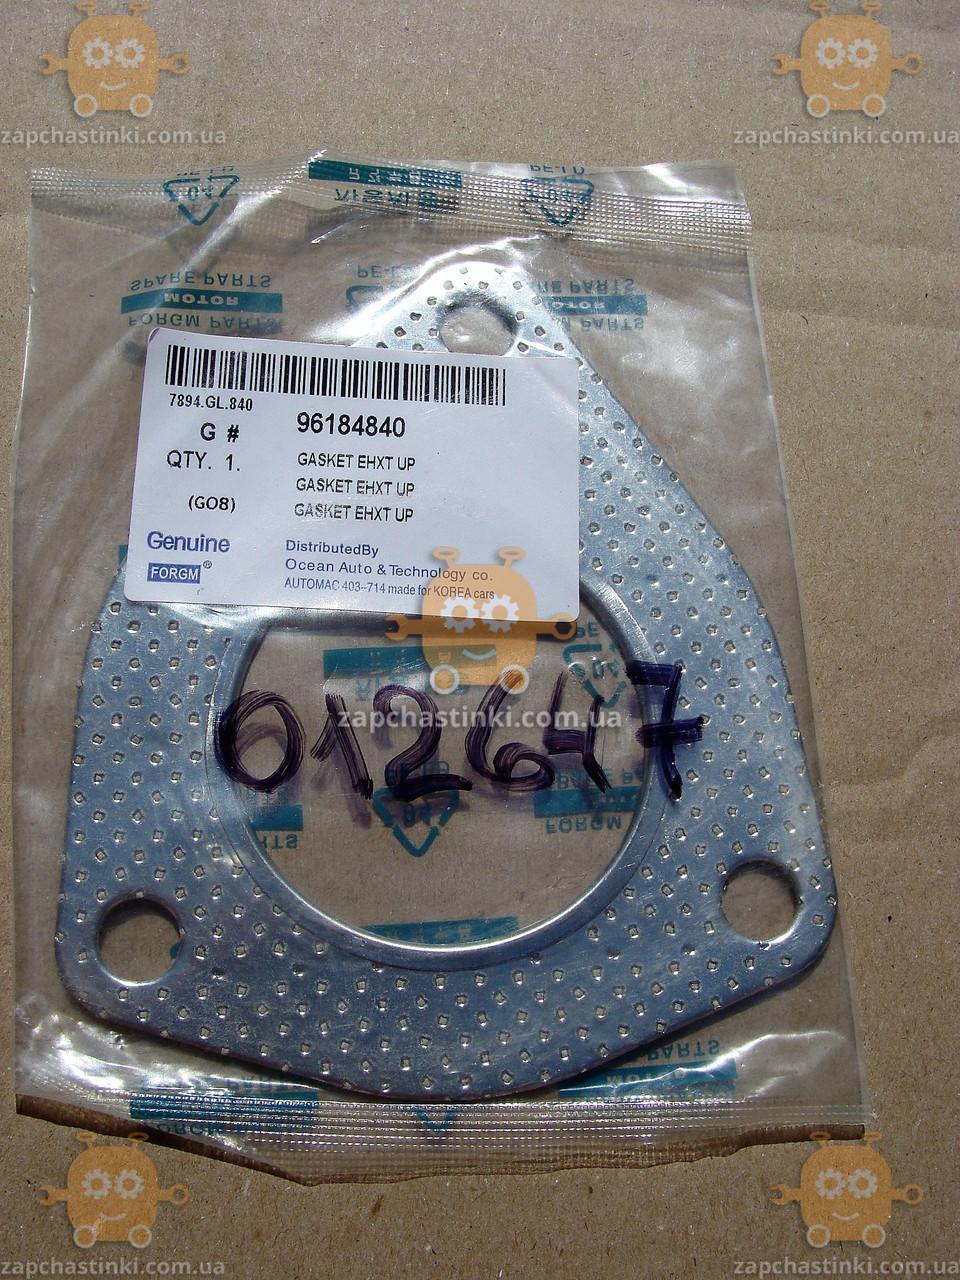 Прокладка приемной трубы Daewoo LANOS отверстие ф63мм (3 болта) (пр-во Genuine Корея) ЕЕ 12647